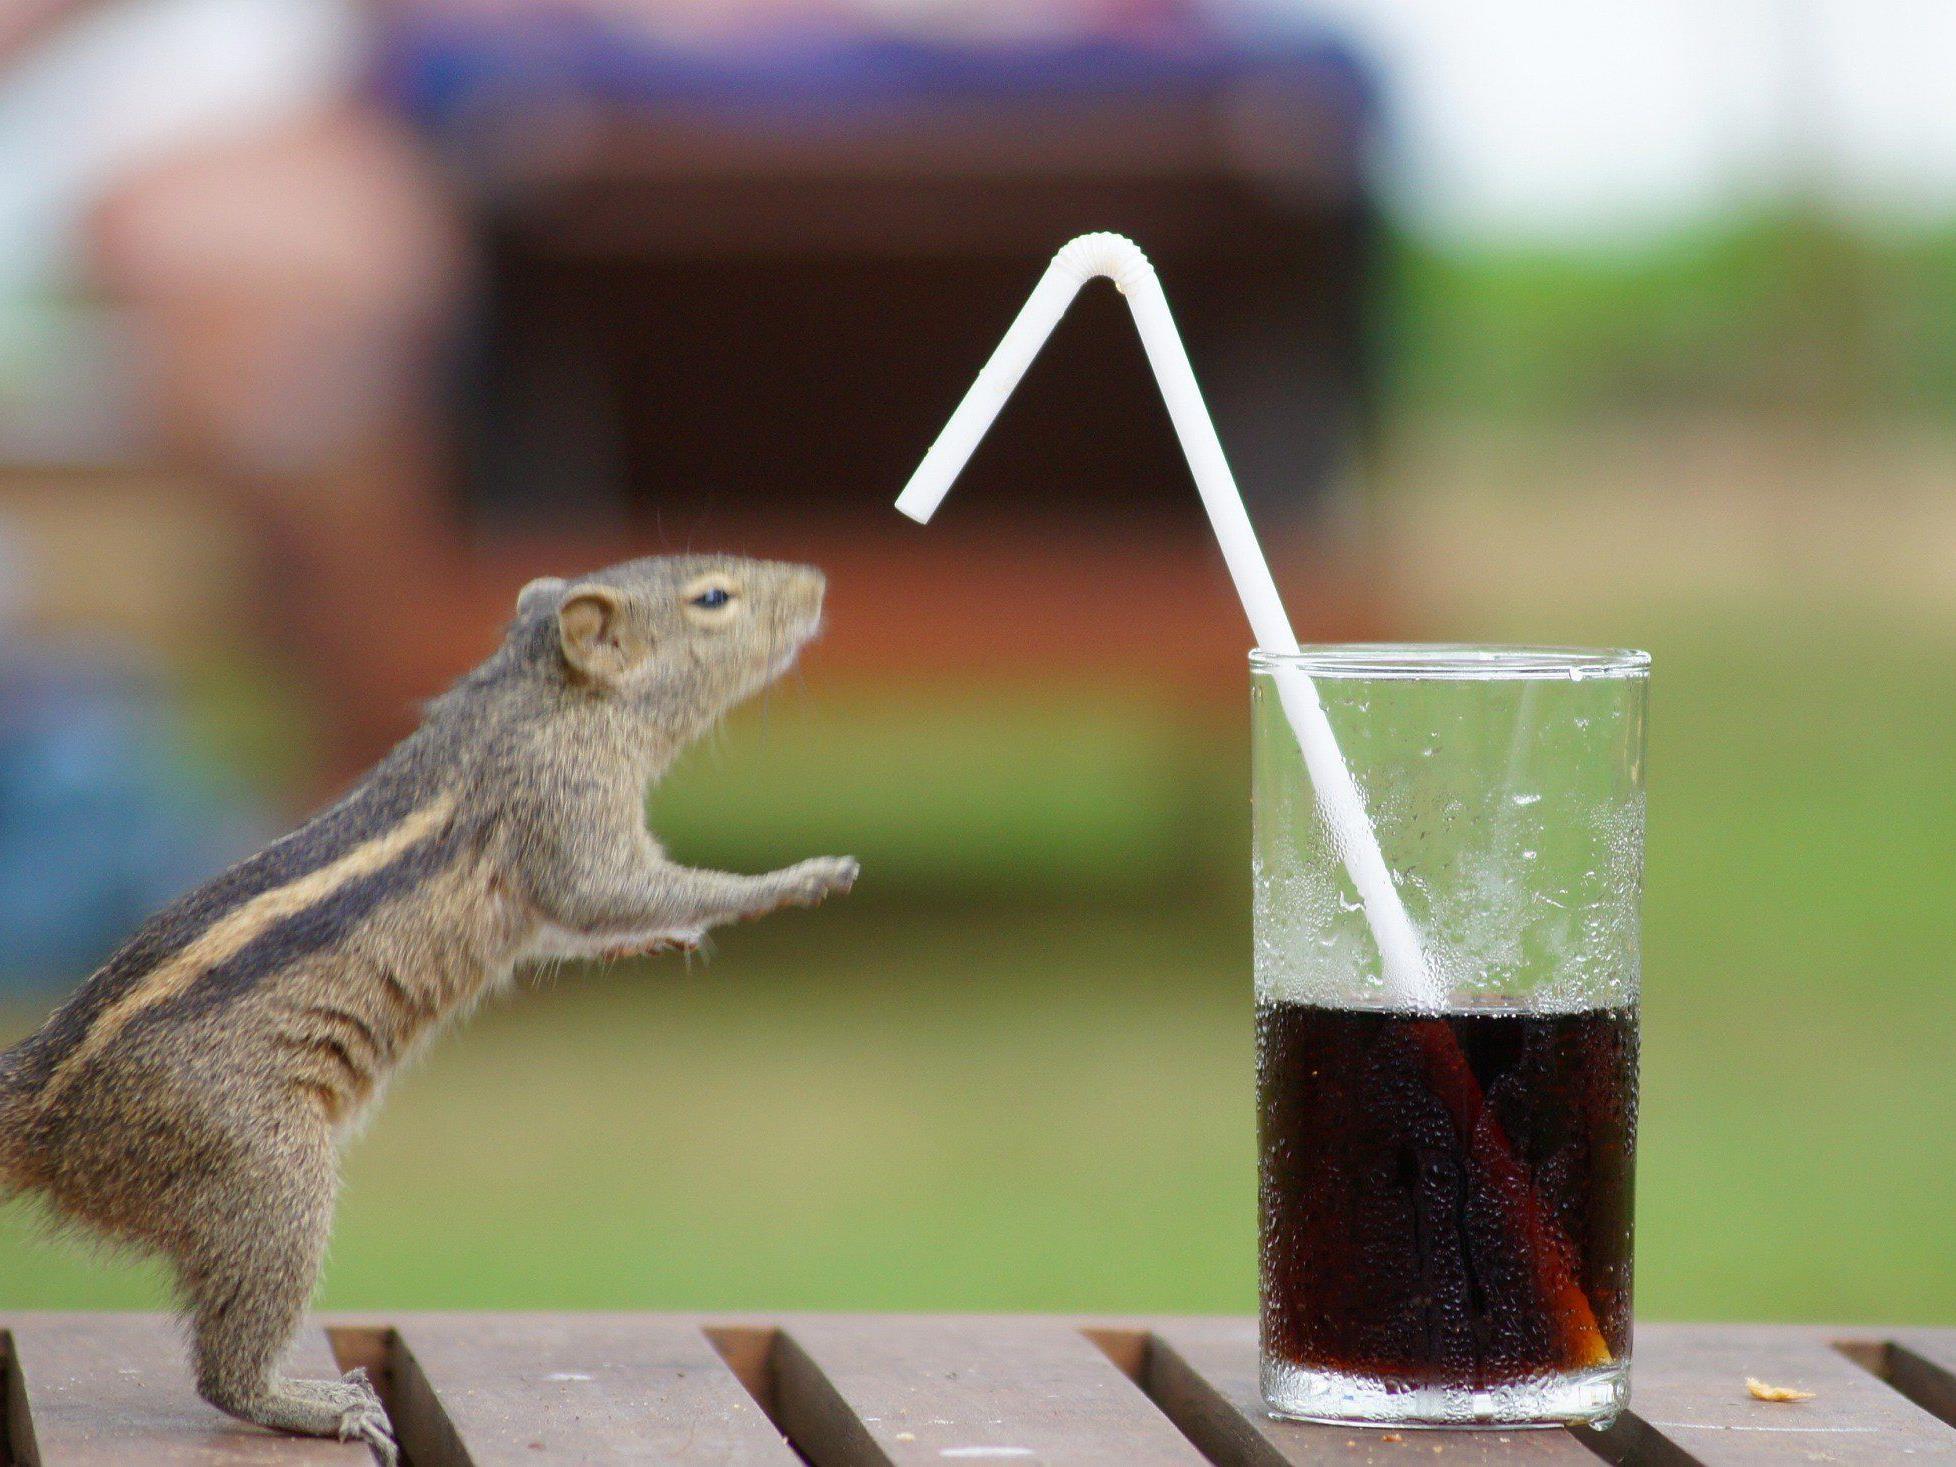 Zu süß: Wer kann schon einem srilankischen Streifenhörnchen böse sein...